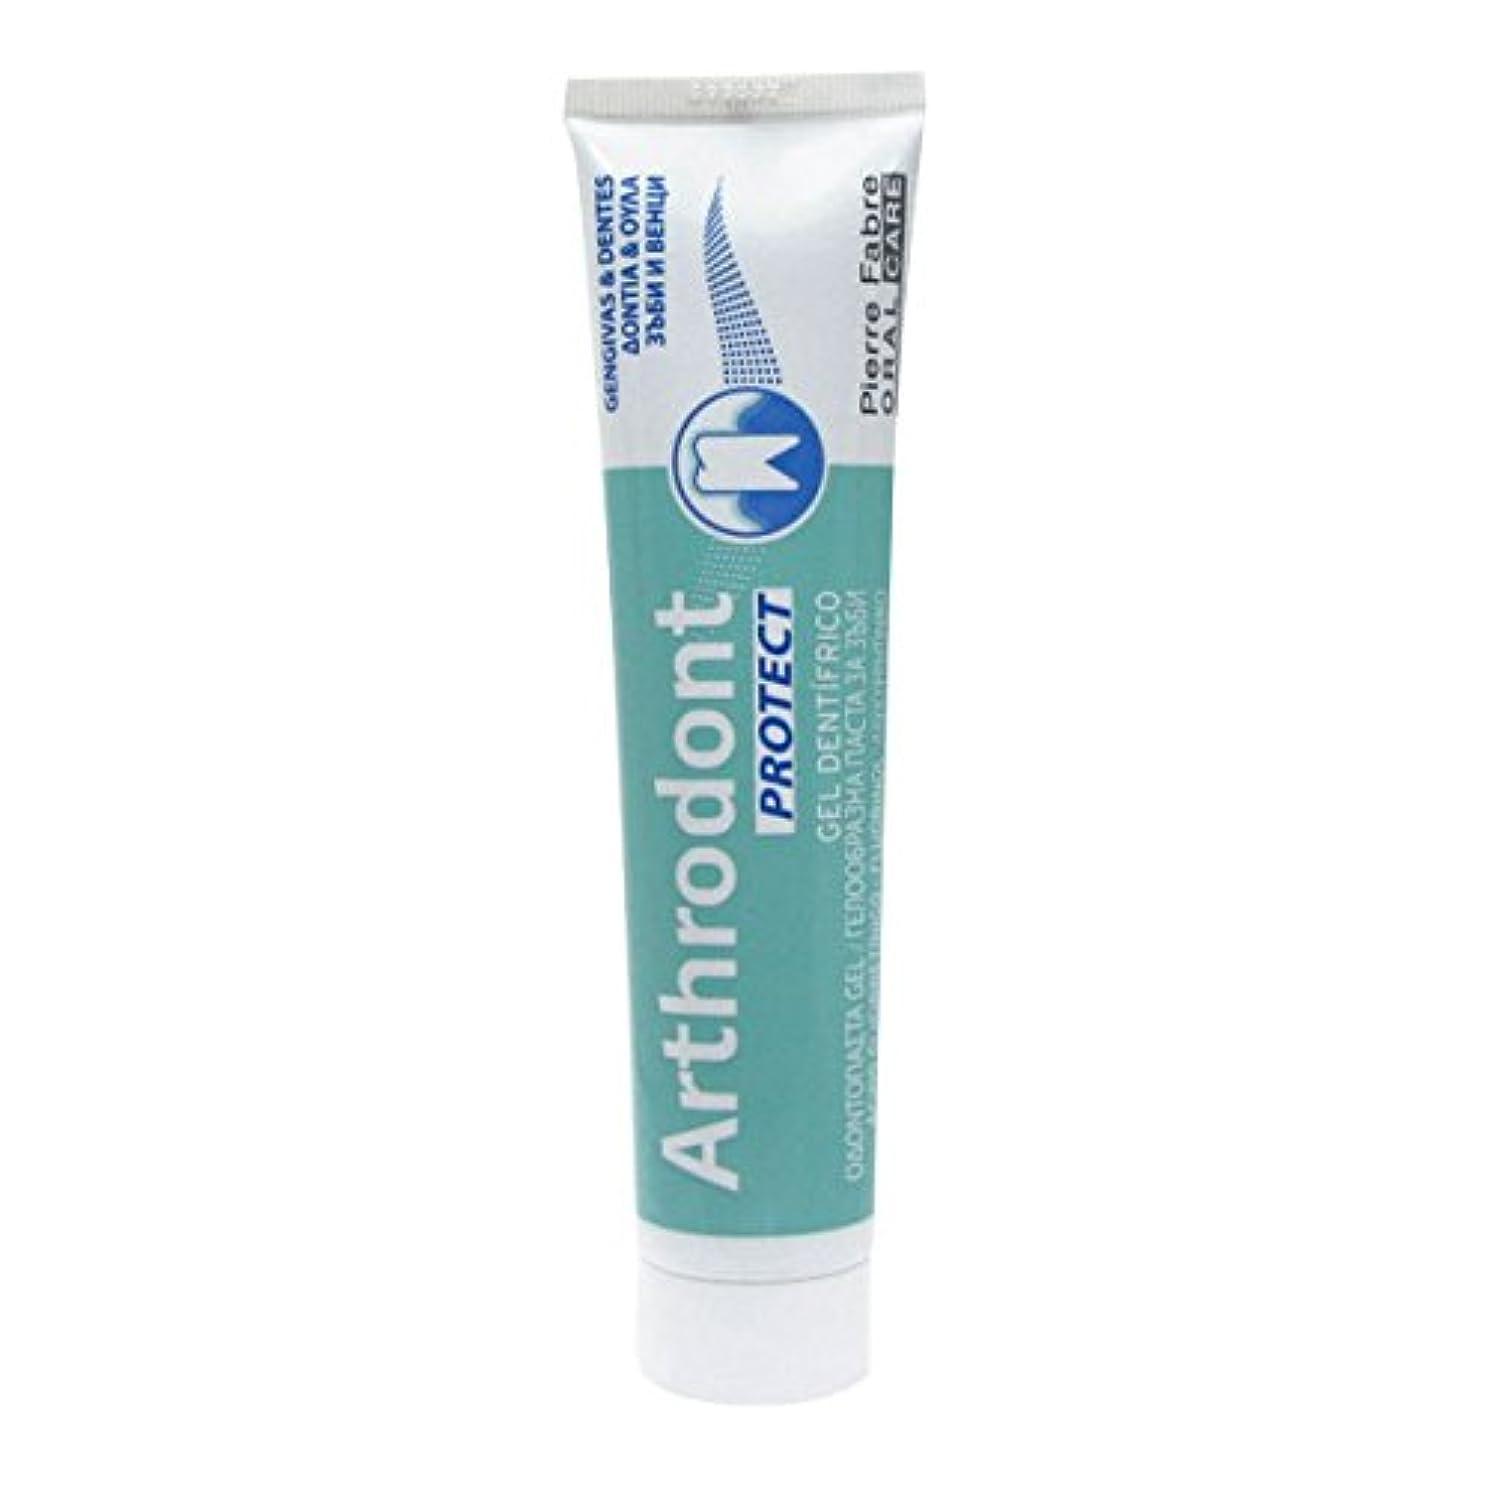 ベックスアイドル雨Arthrodont Protect Teeth And Gums Gel 75ml [並行輸入品]